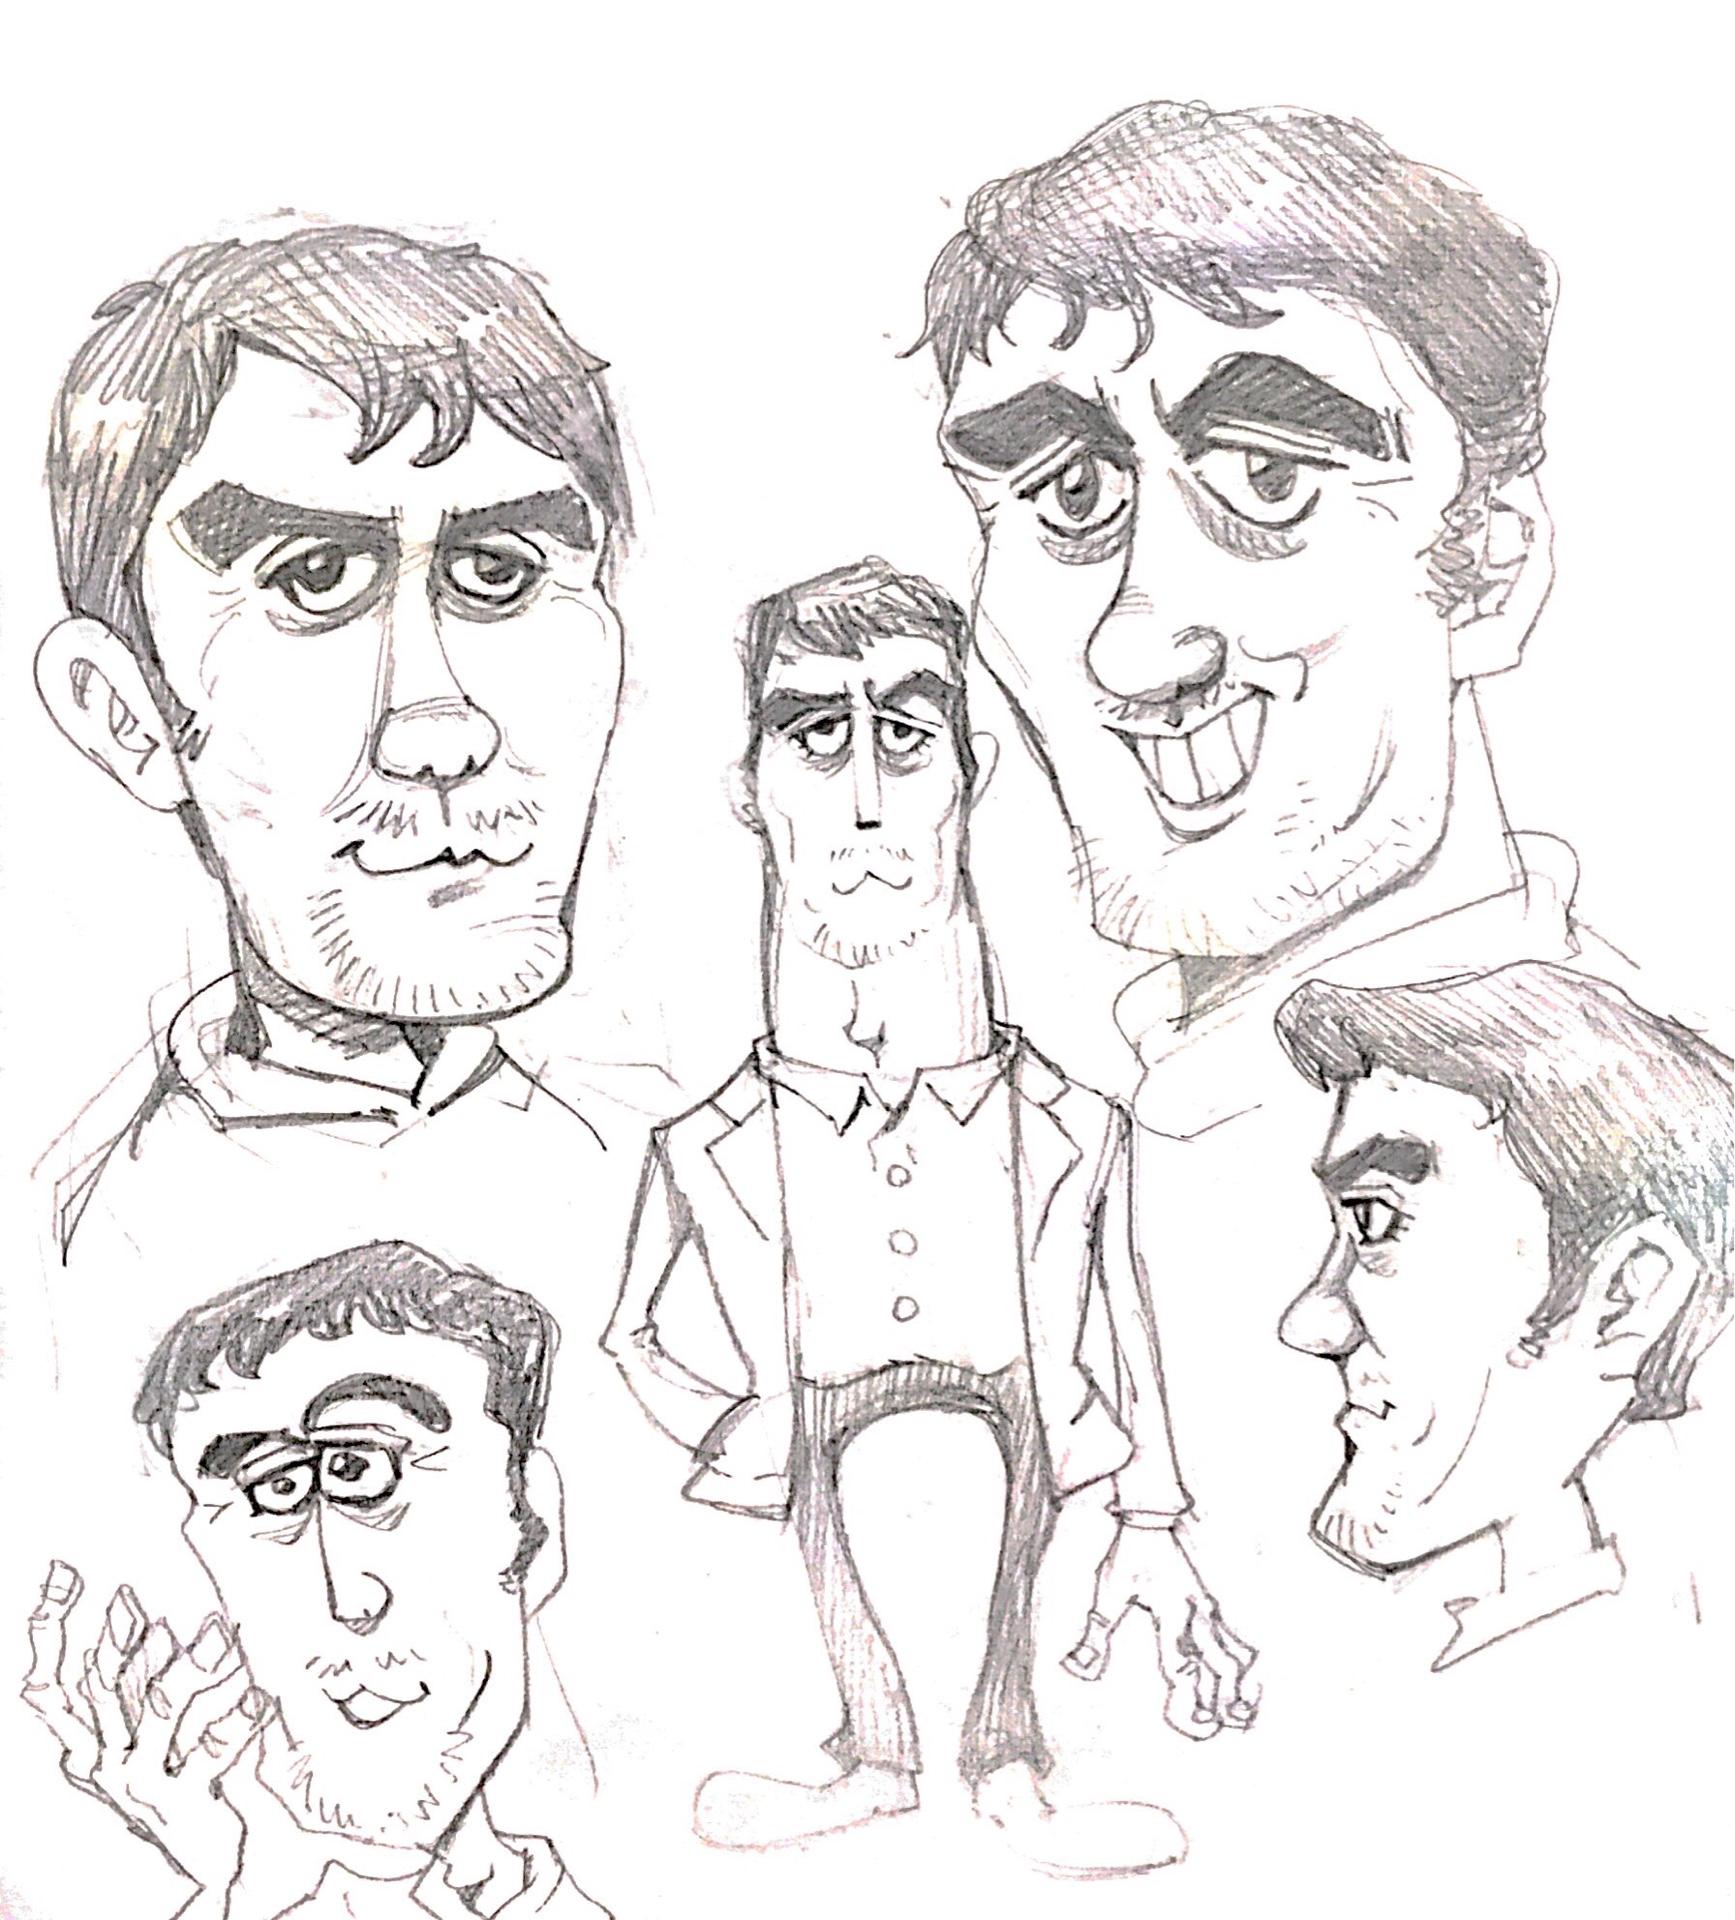 ハーフっぽいかっこいいおじさんの描き方。阿部寛さんの似顔絵イラスト